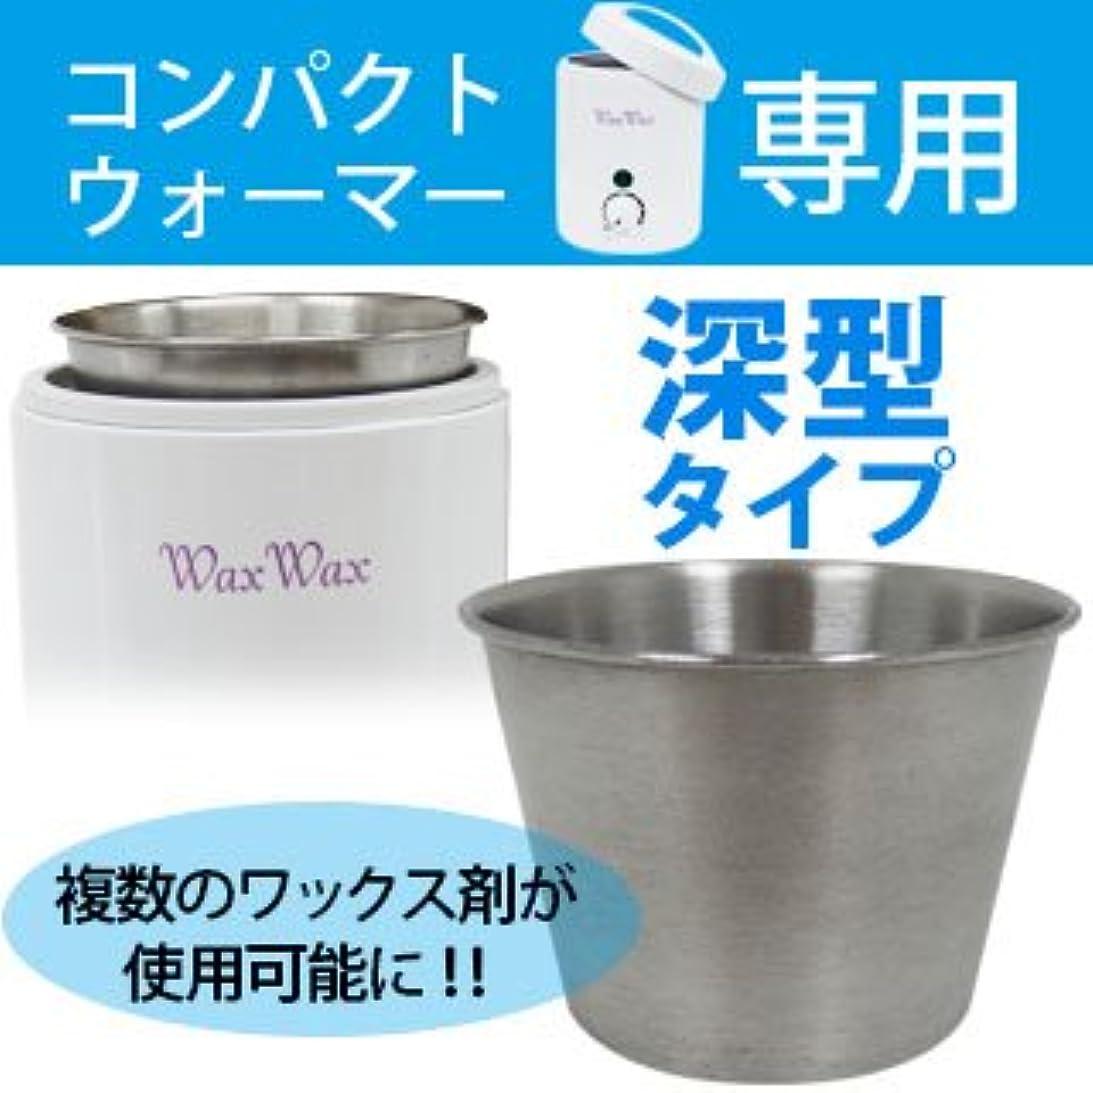 【深型】コンパクトウォーマー専用 ハードワックス缶 空き缶 ナベ 鍋 ハード専用